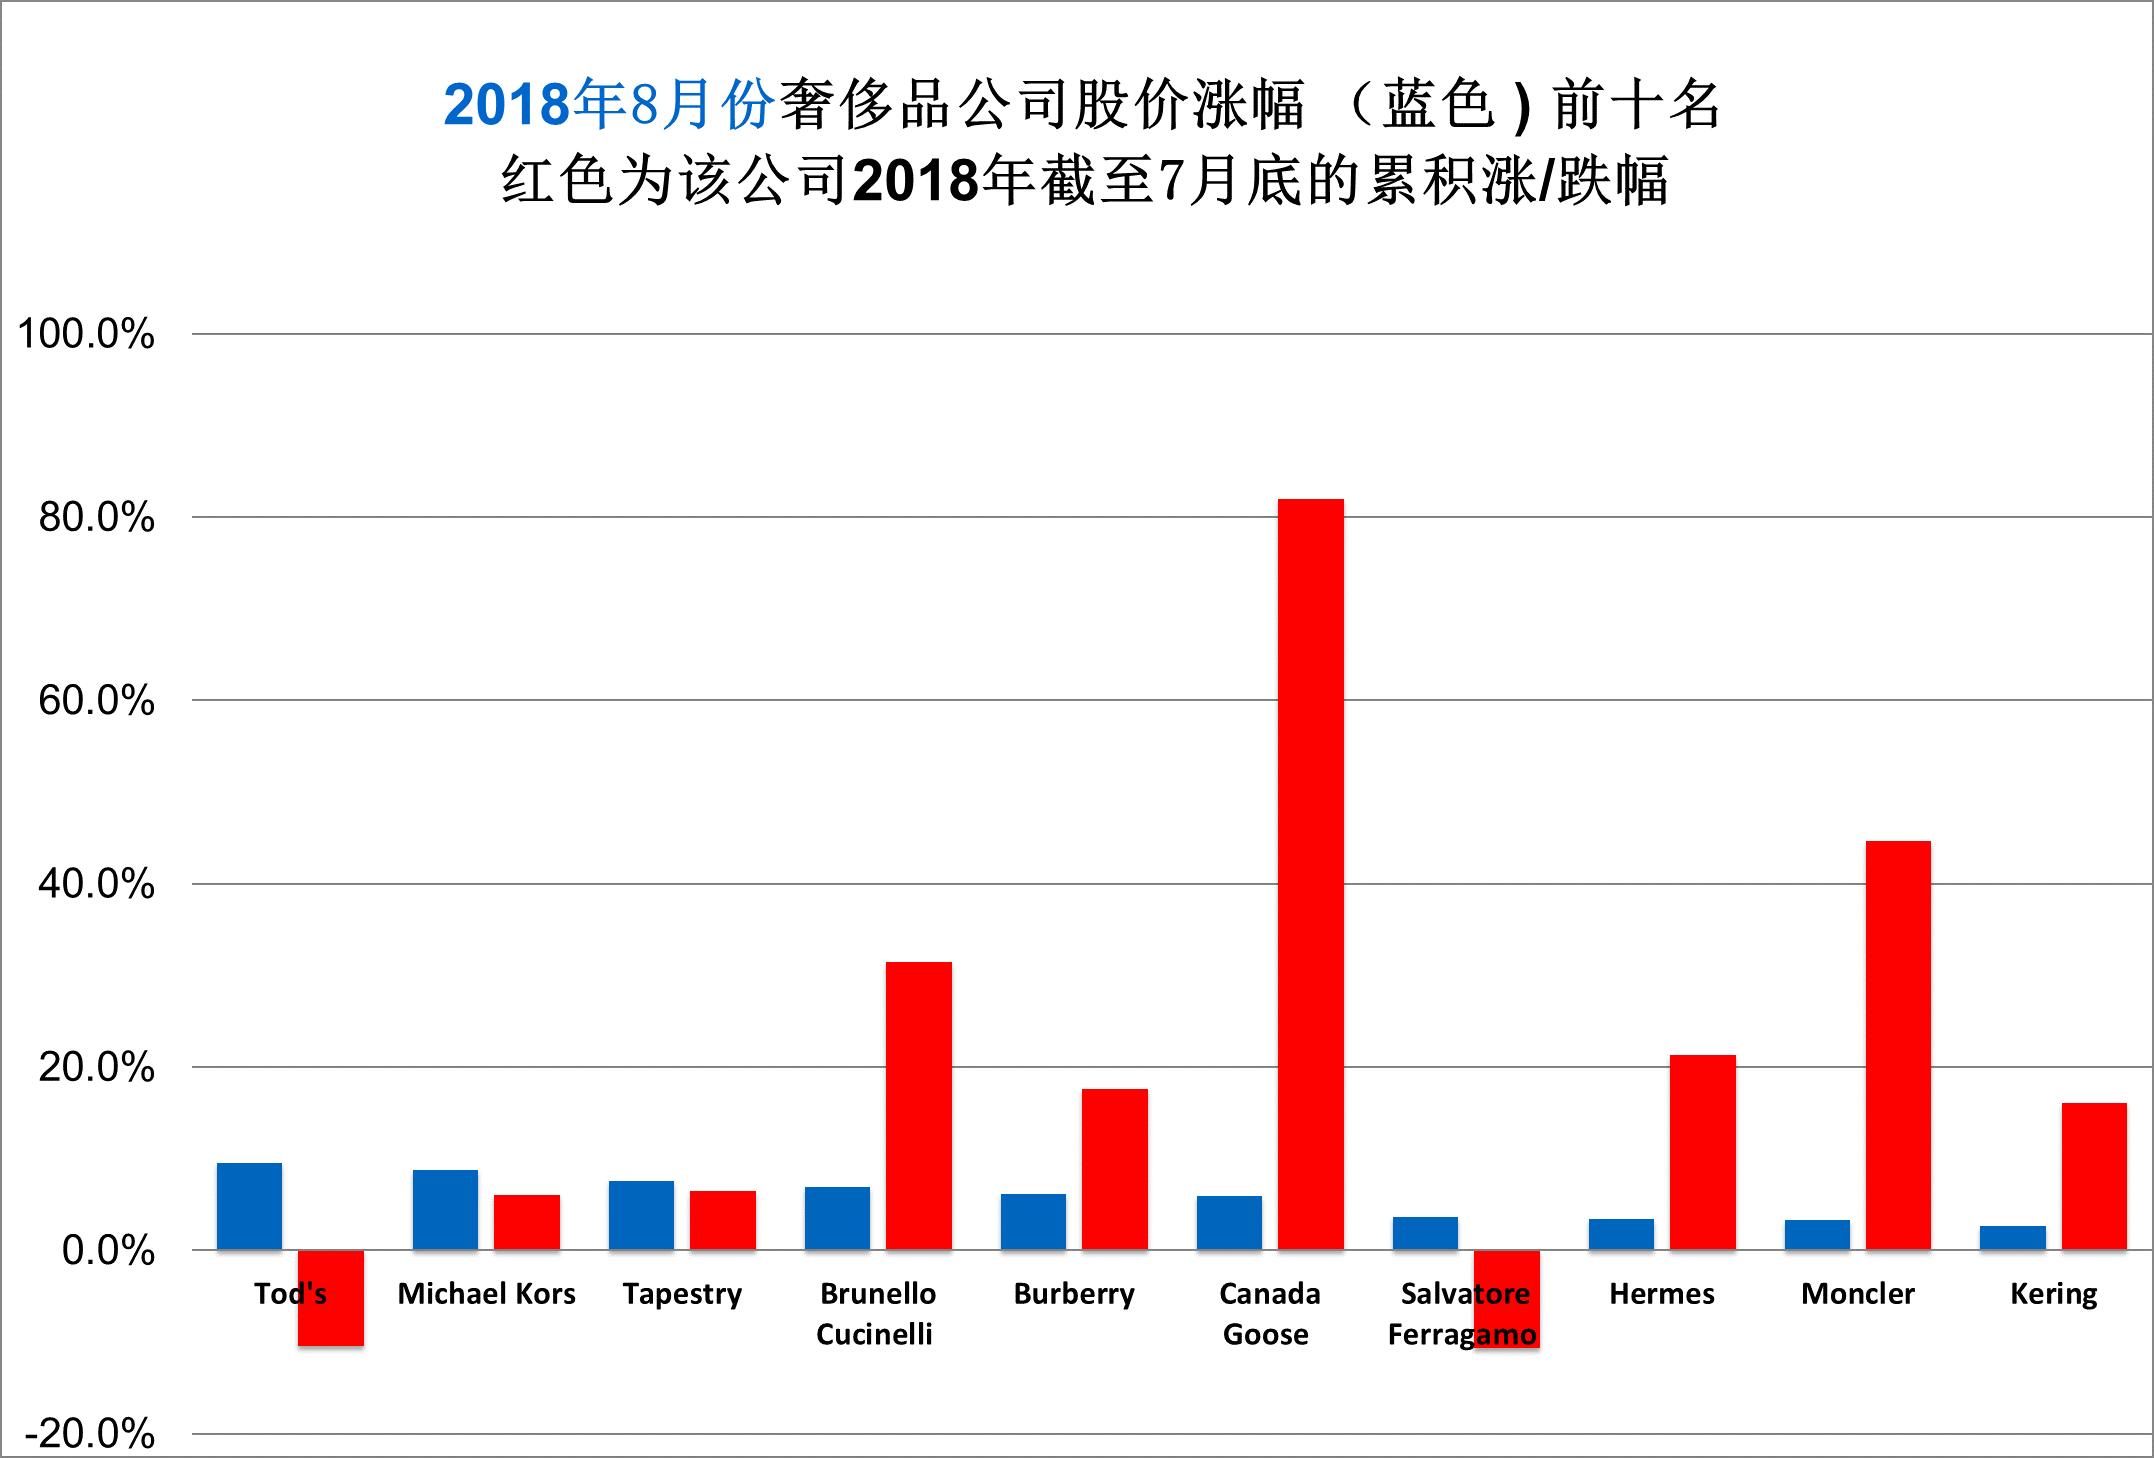 华丽志奢侈品股票月度排行榜(2018年8月)